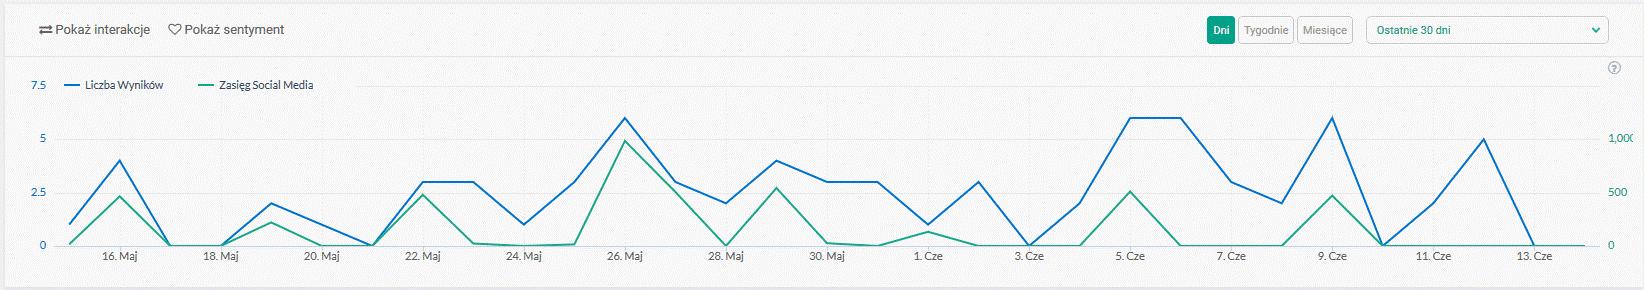 Monitorowanie popularności brandu dzięki narzędziu Brand24